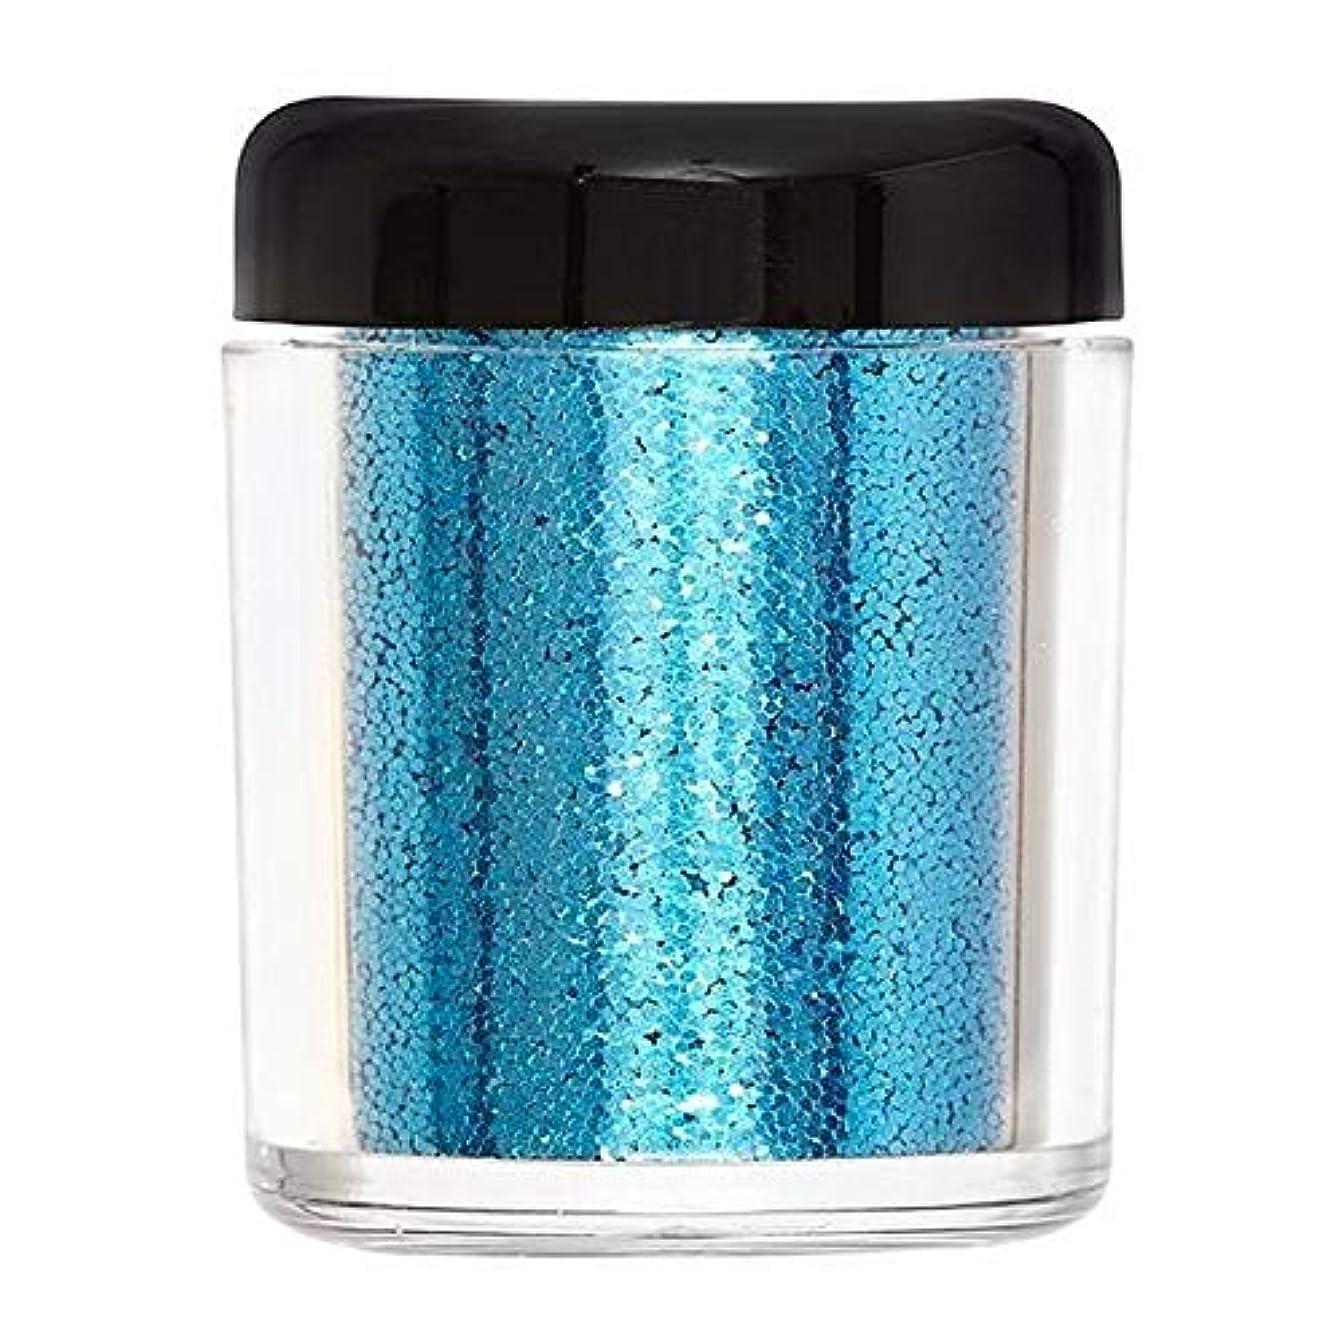 分離する師匠ウィザード[Barry M ] バリーMグリッターラッシュボディグリッターブルームーン - Barry M Glitter Rush Body Glitter Blue Moon [並行輸入品]